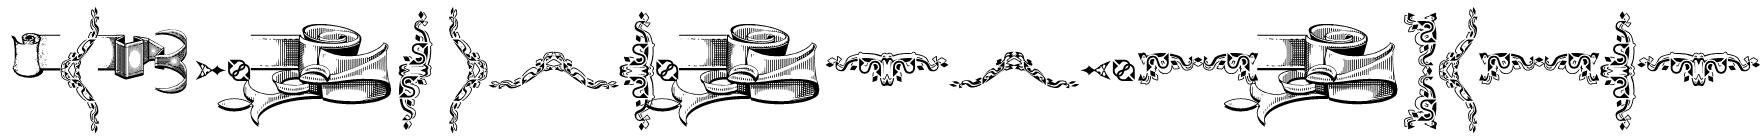 Deborah Extras/Ornaments Font